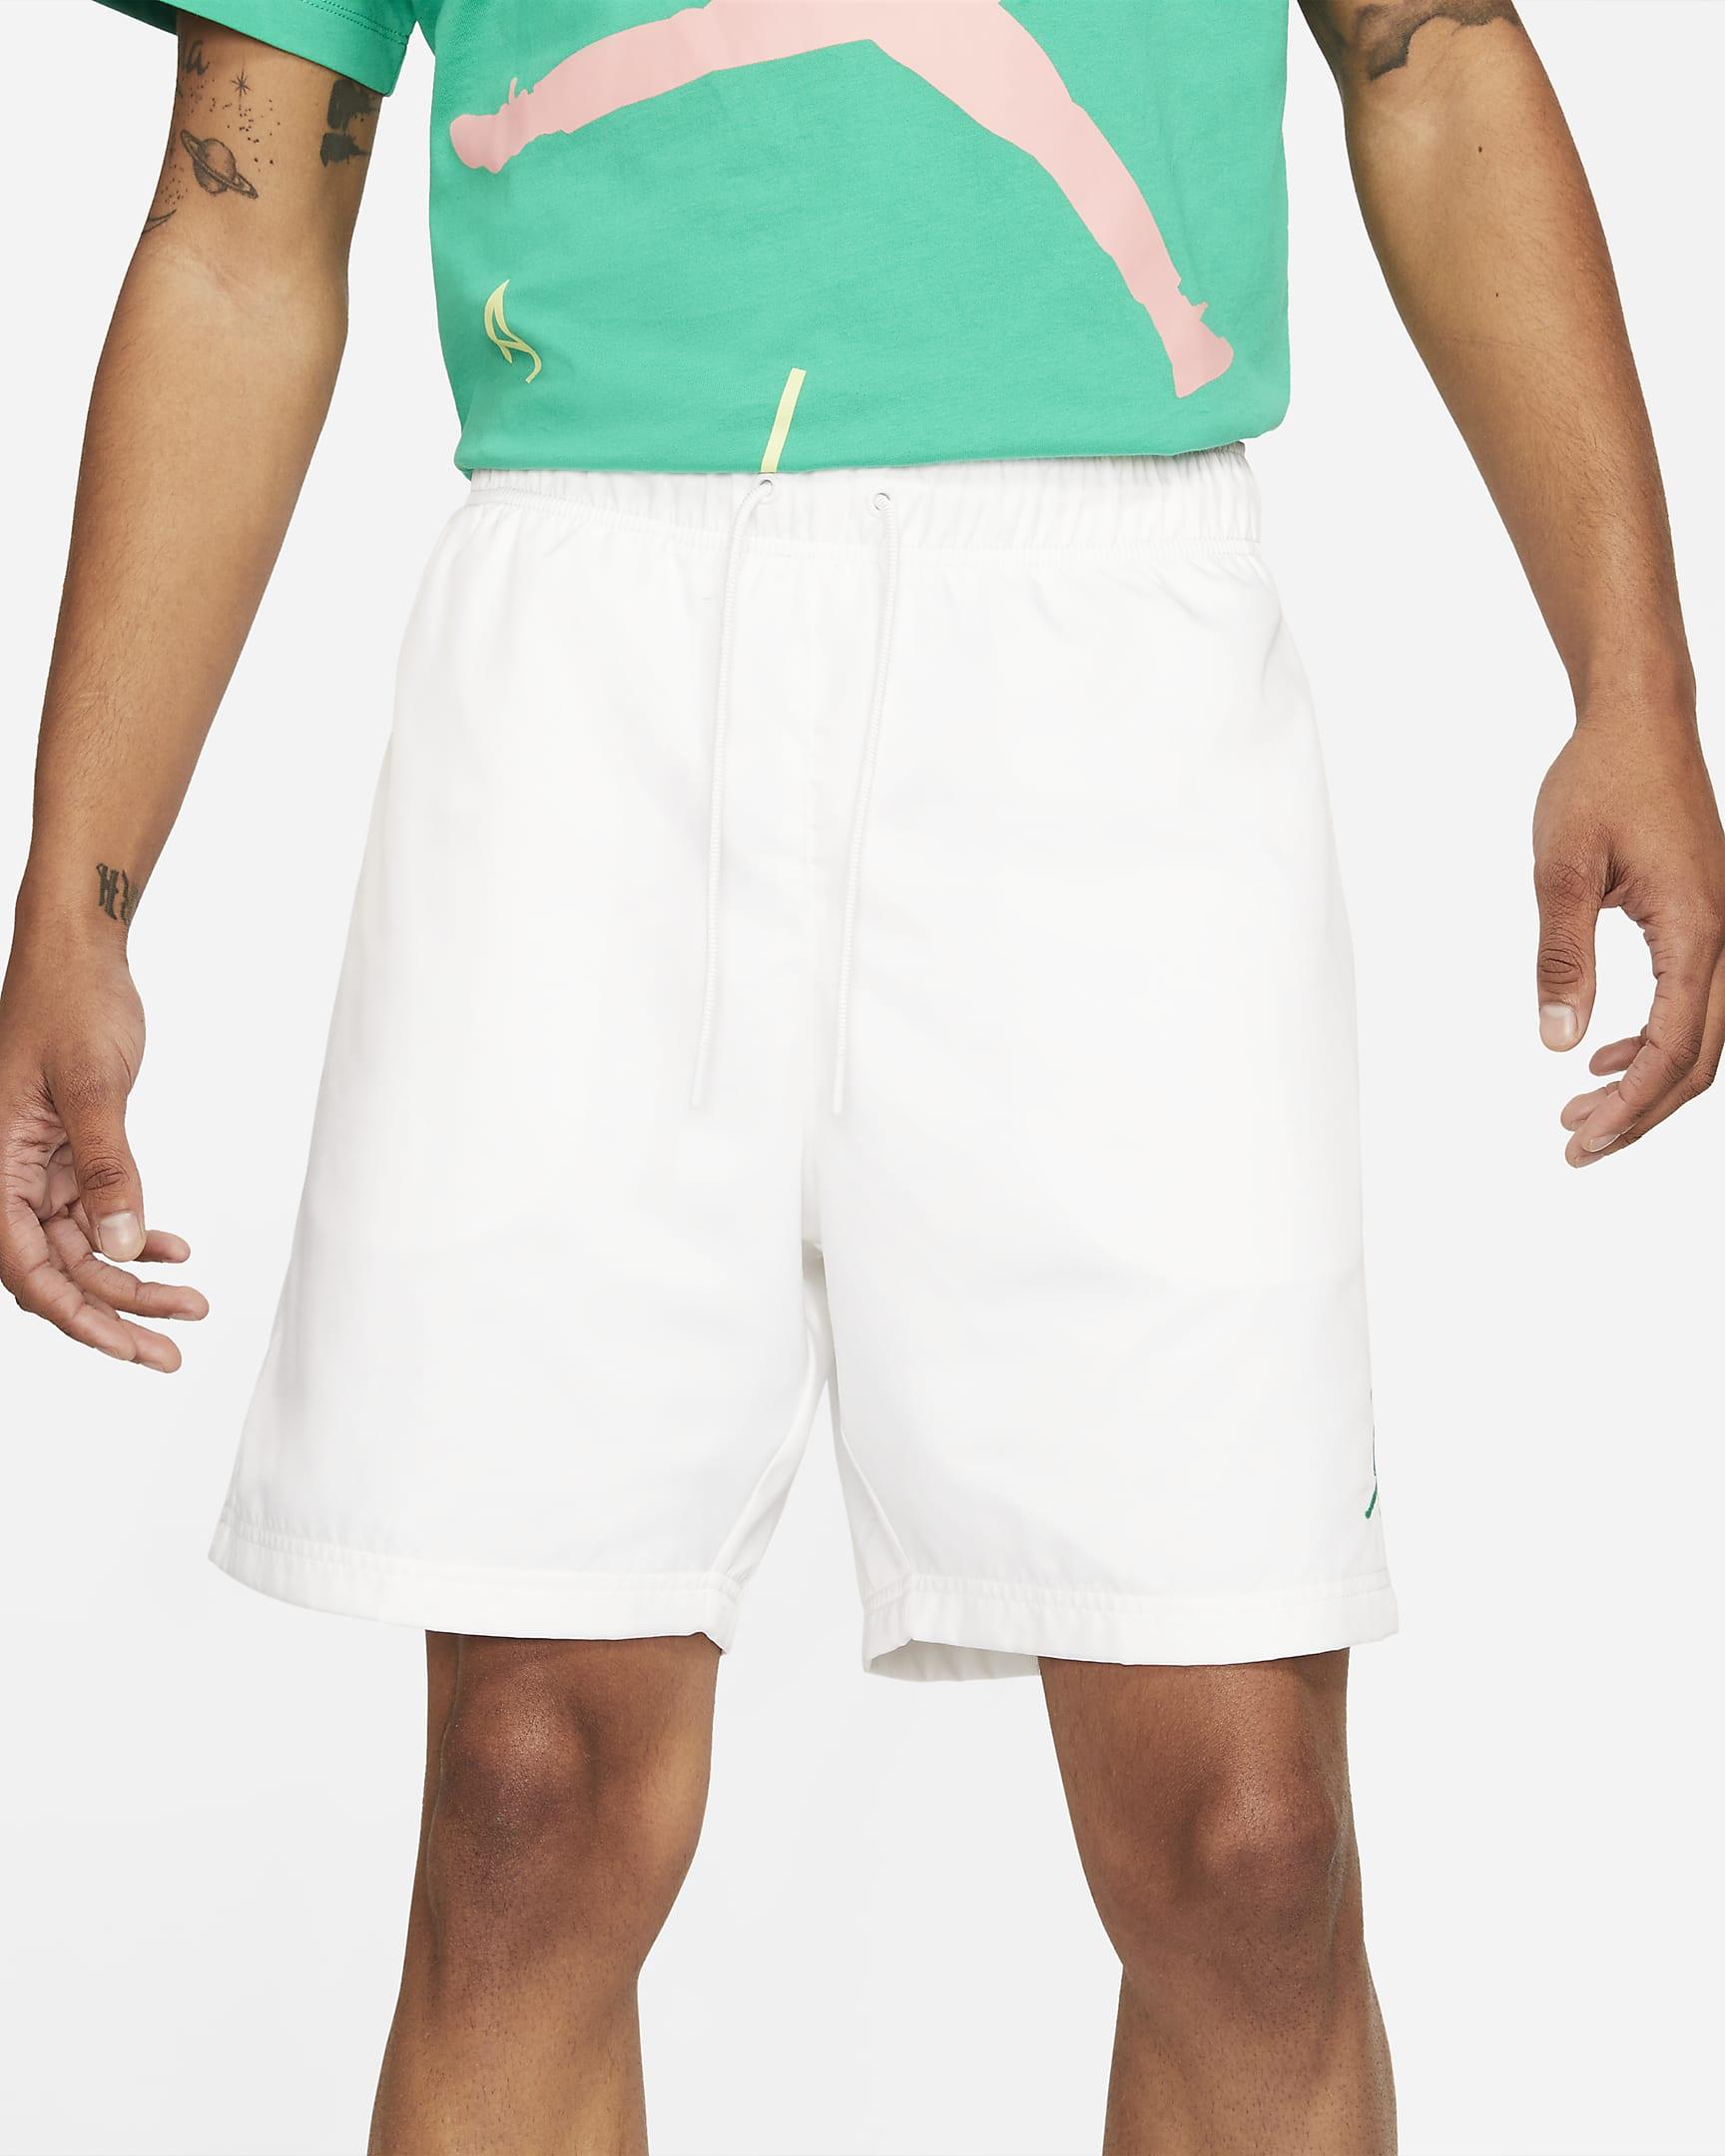 jordan-jumpman-mens-poolside-shorts-6qPt0d.png